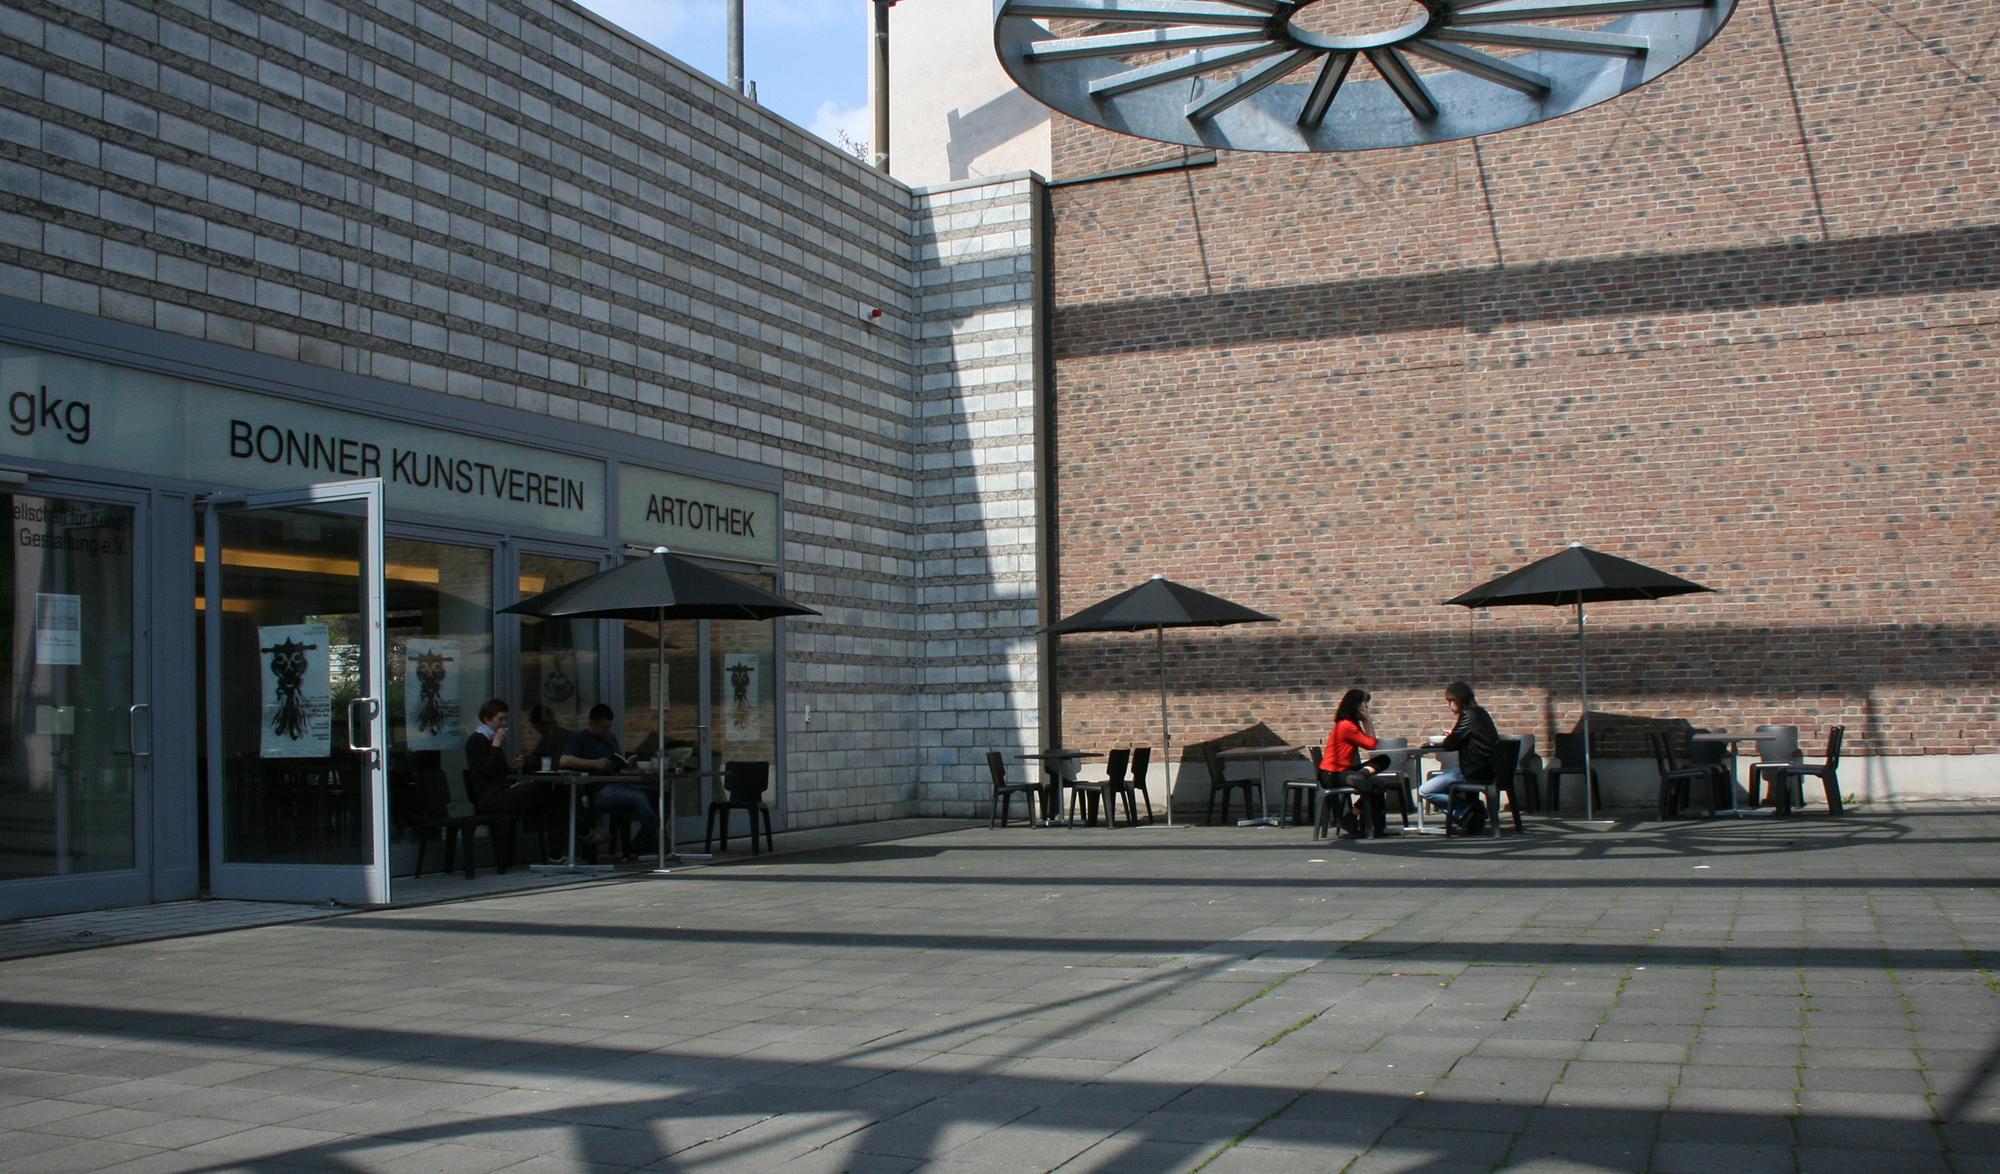 Bonner Kunstverein ArtJunk Bonn Kunst